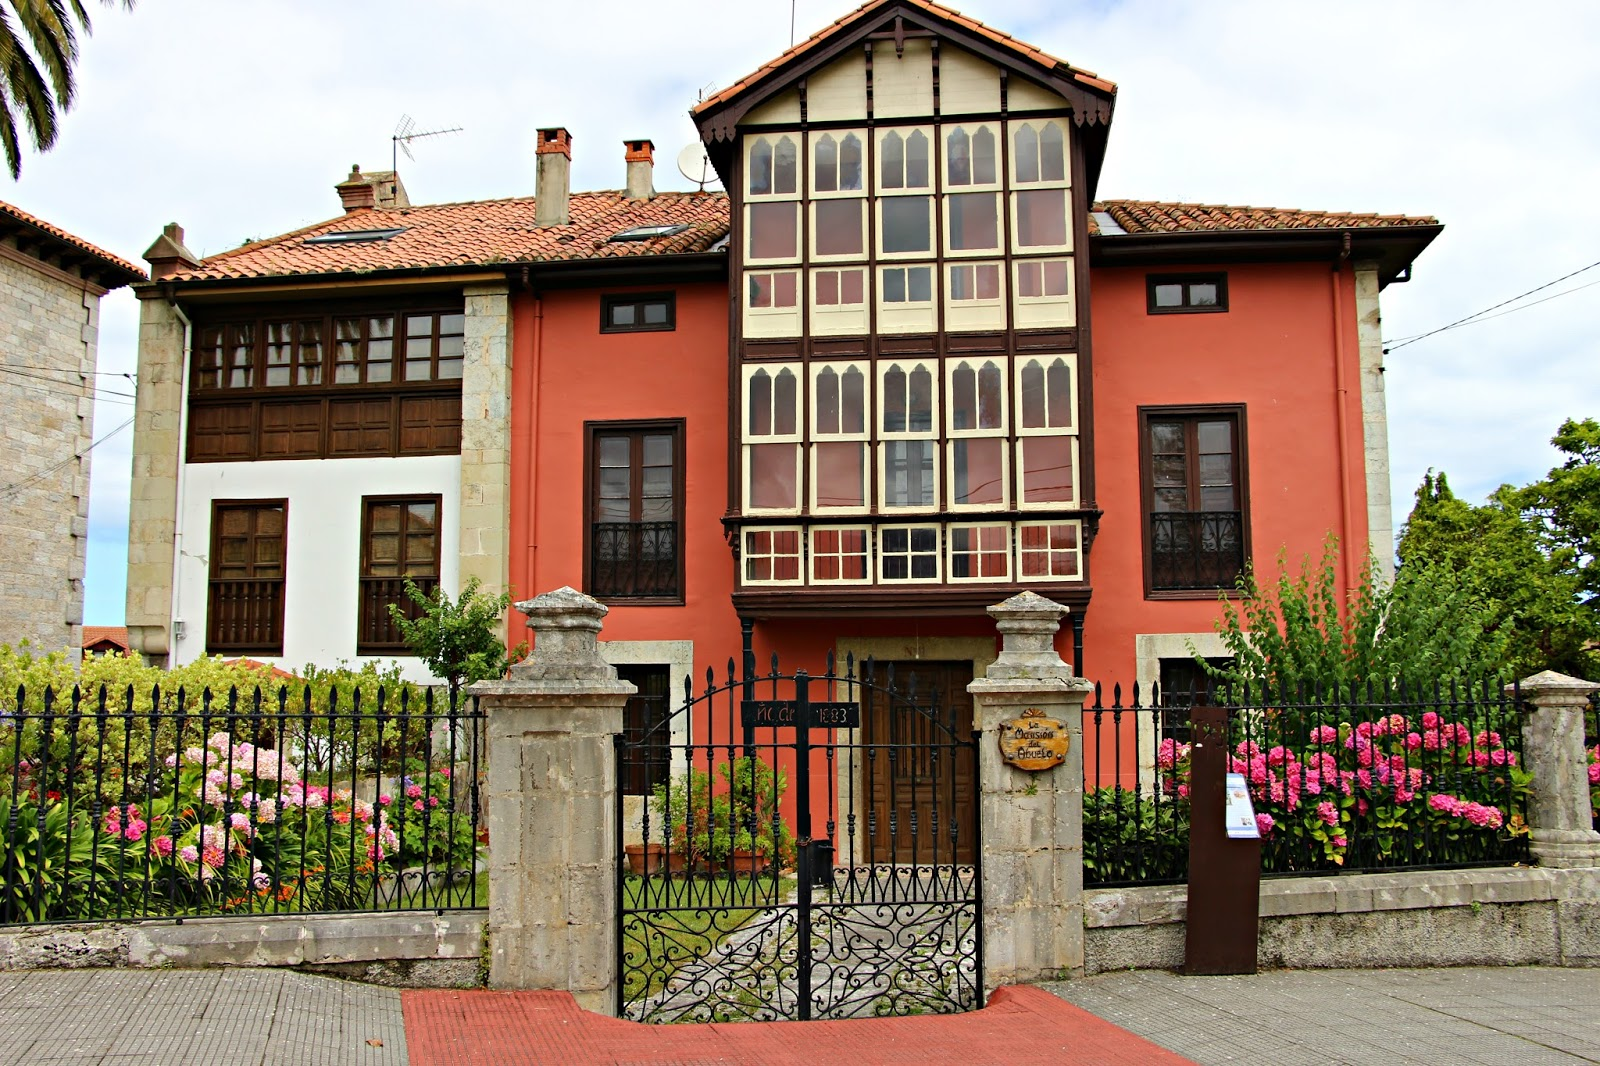 Las im genes que yo veo casas de indianos el lujo en espa a de los que tuvieron xito en am rica - Casa de asturias madrid ...